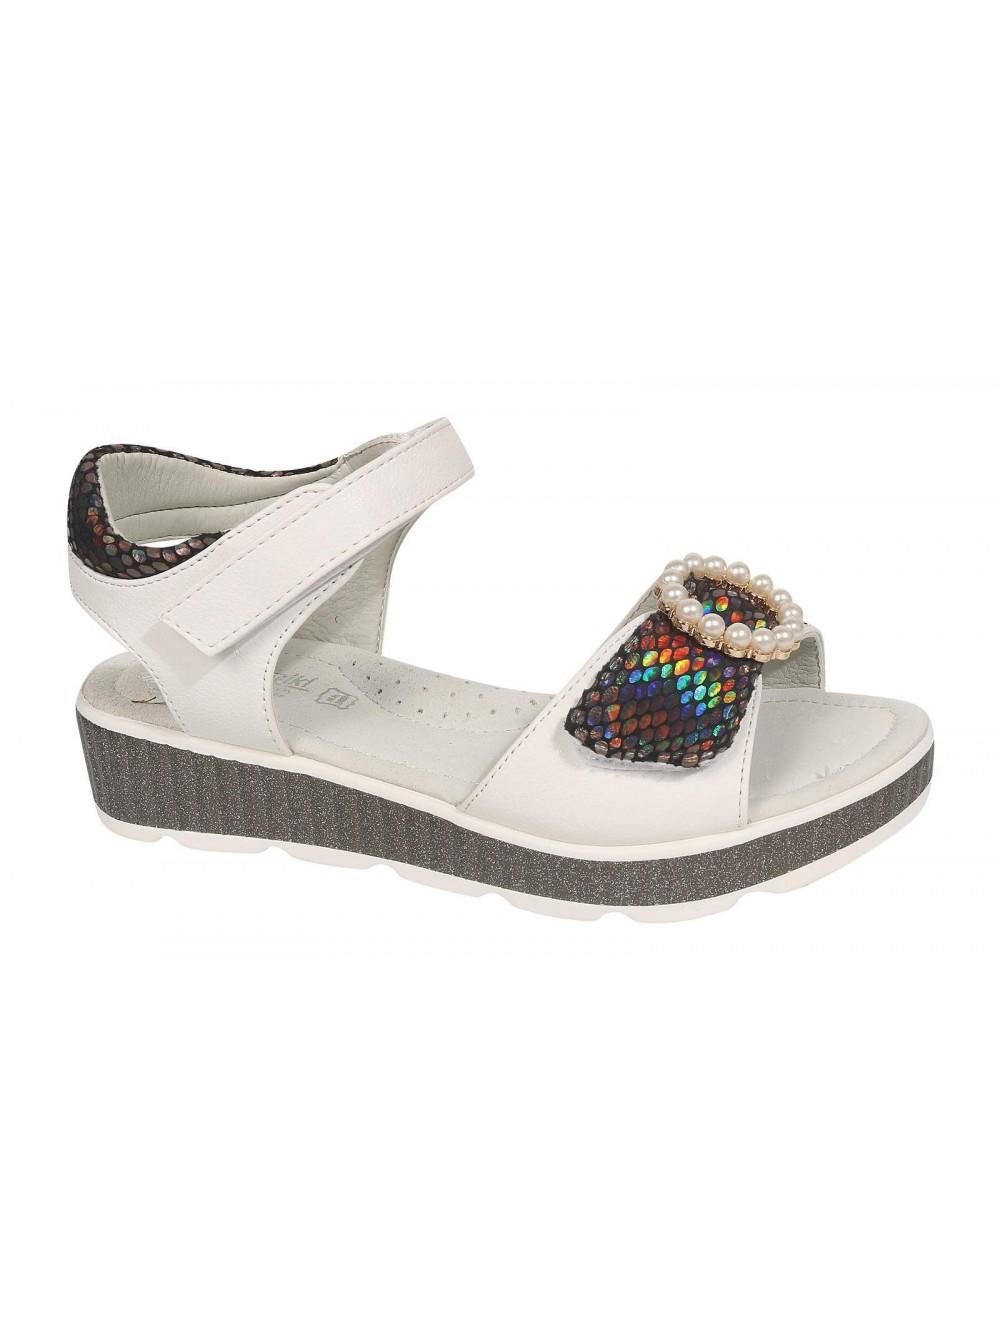 Туфли открытые Tom&Miki B-7248-C белый (33-38)